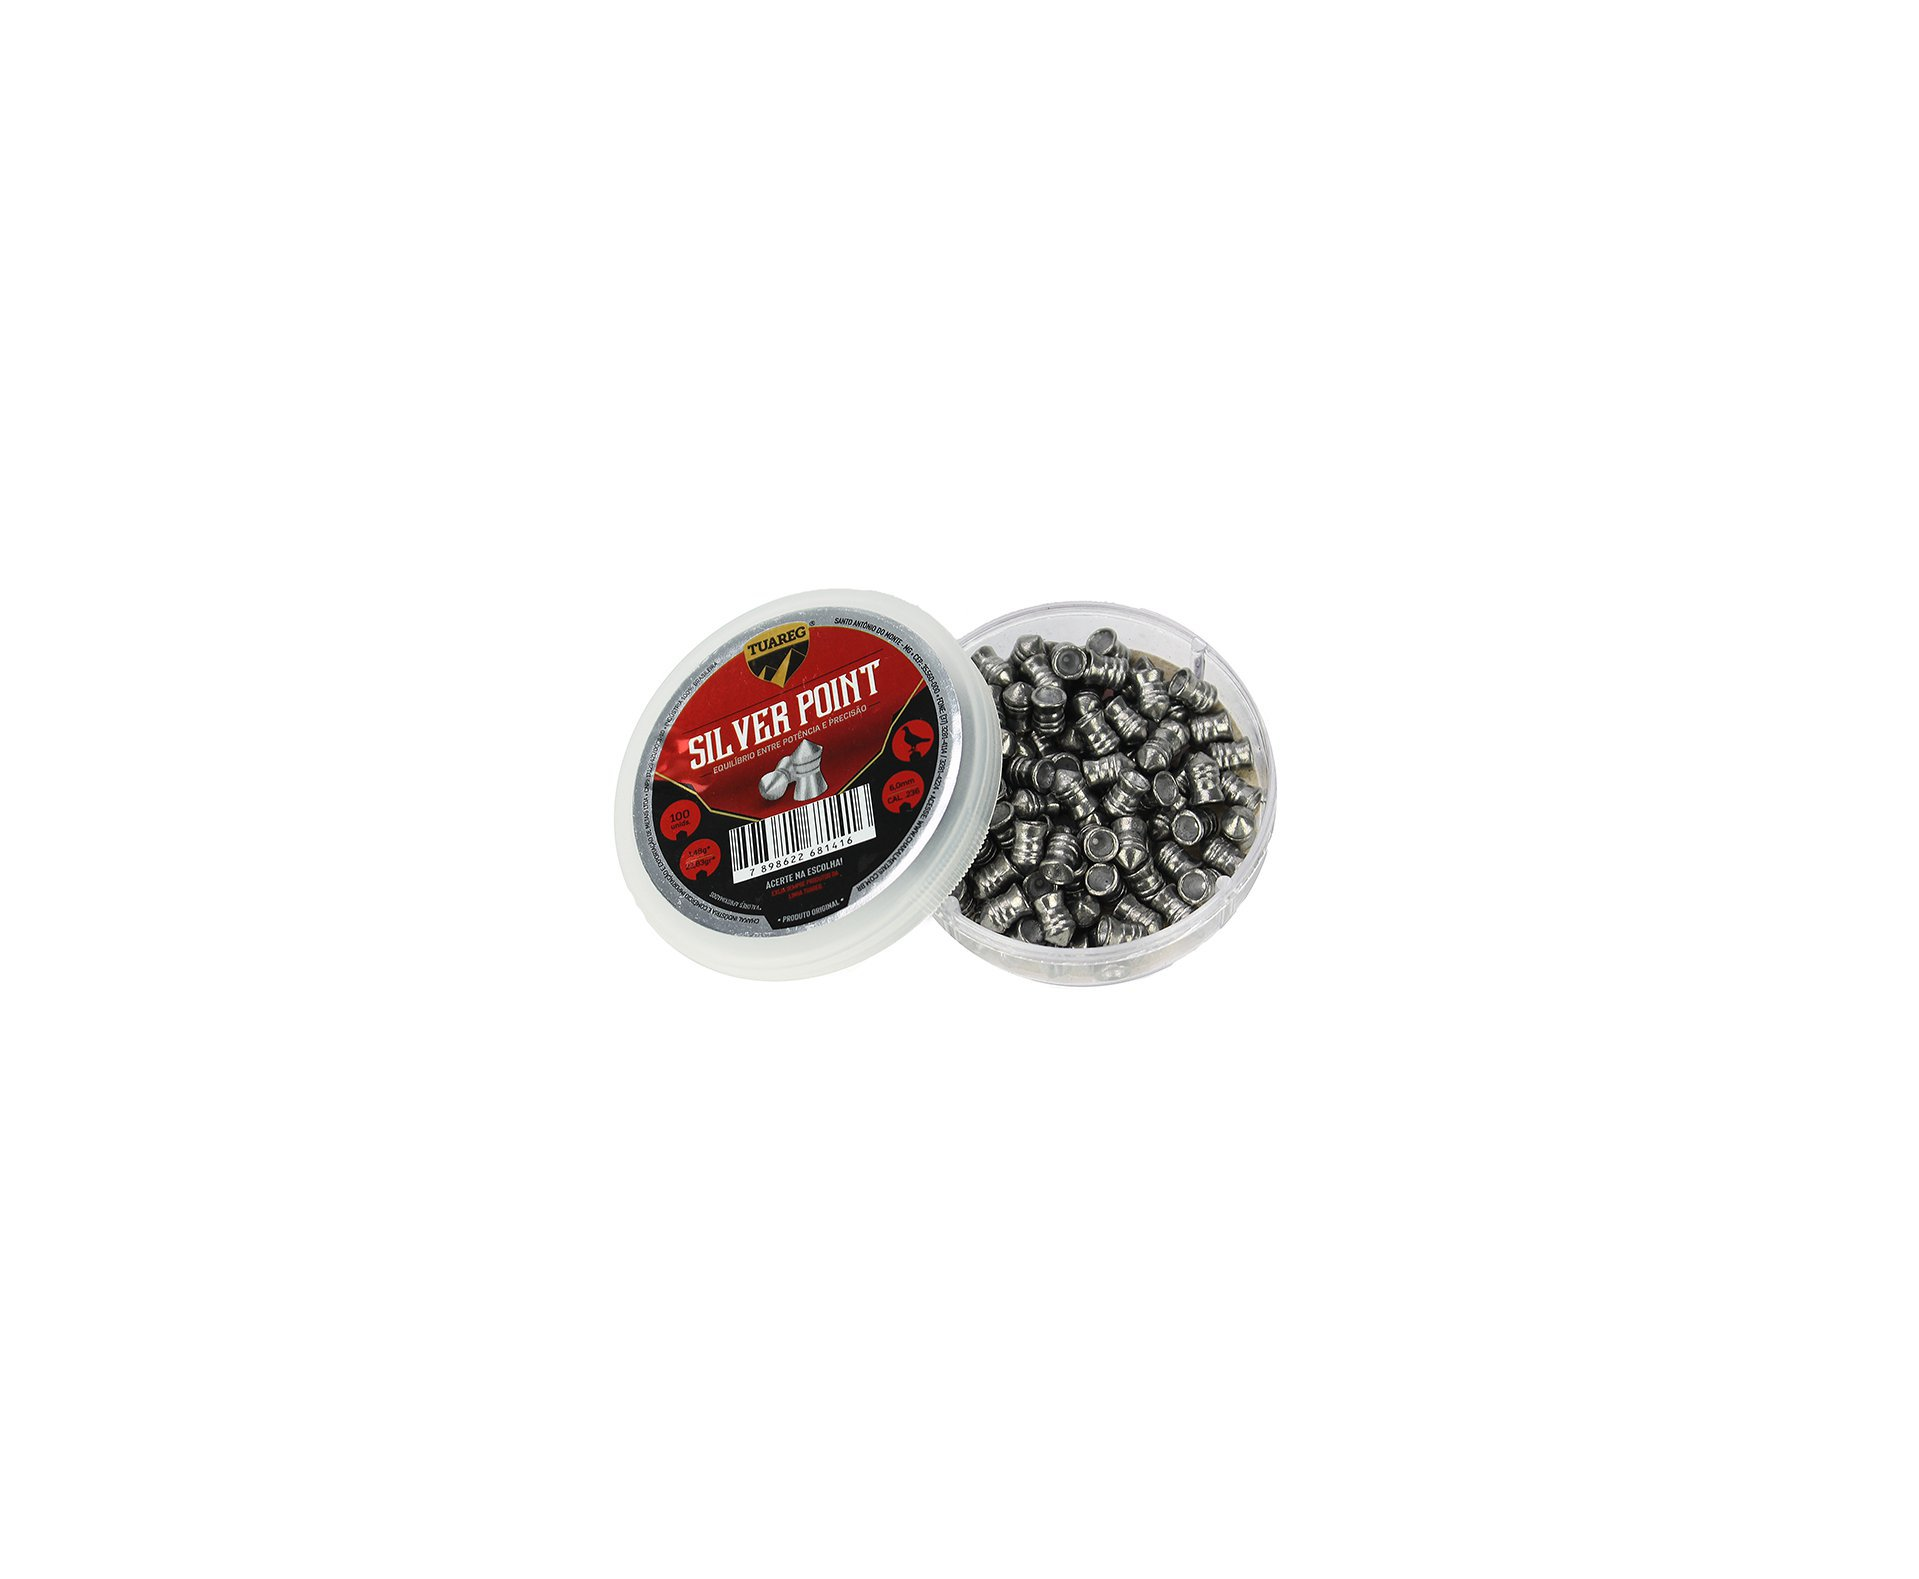 Chumbinho De Pressão Tuareg Premium Silver Point 6,0mm